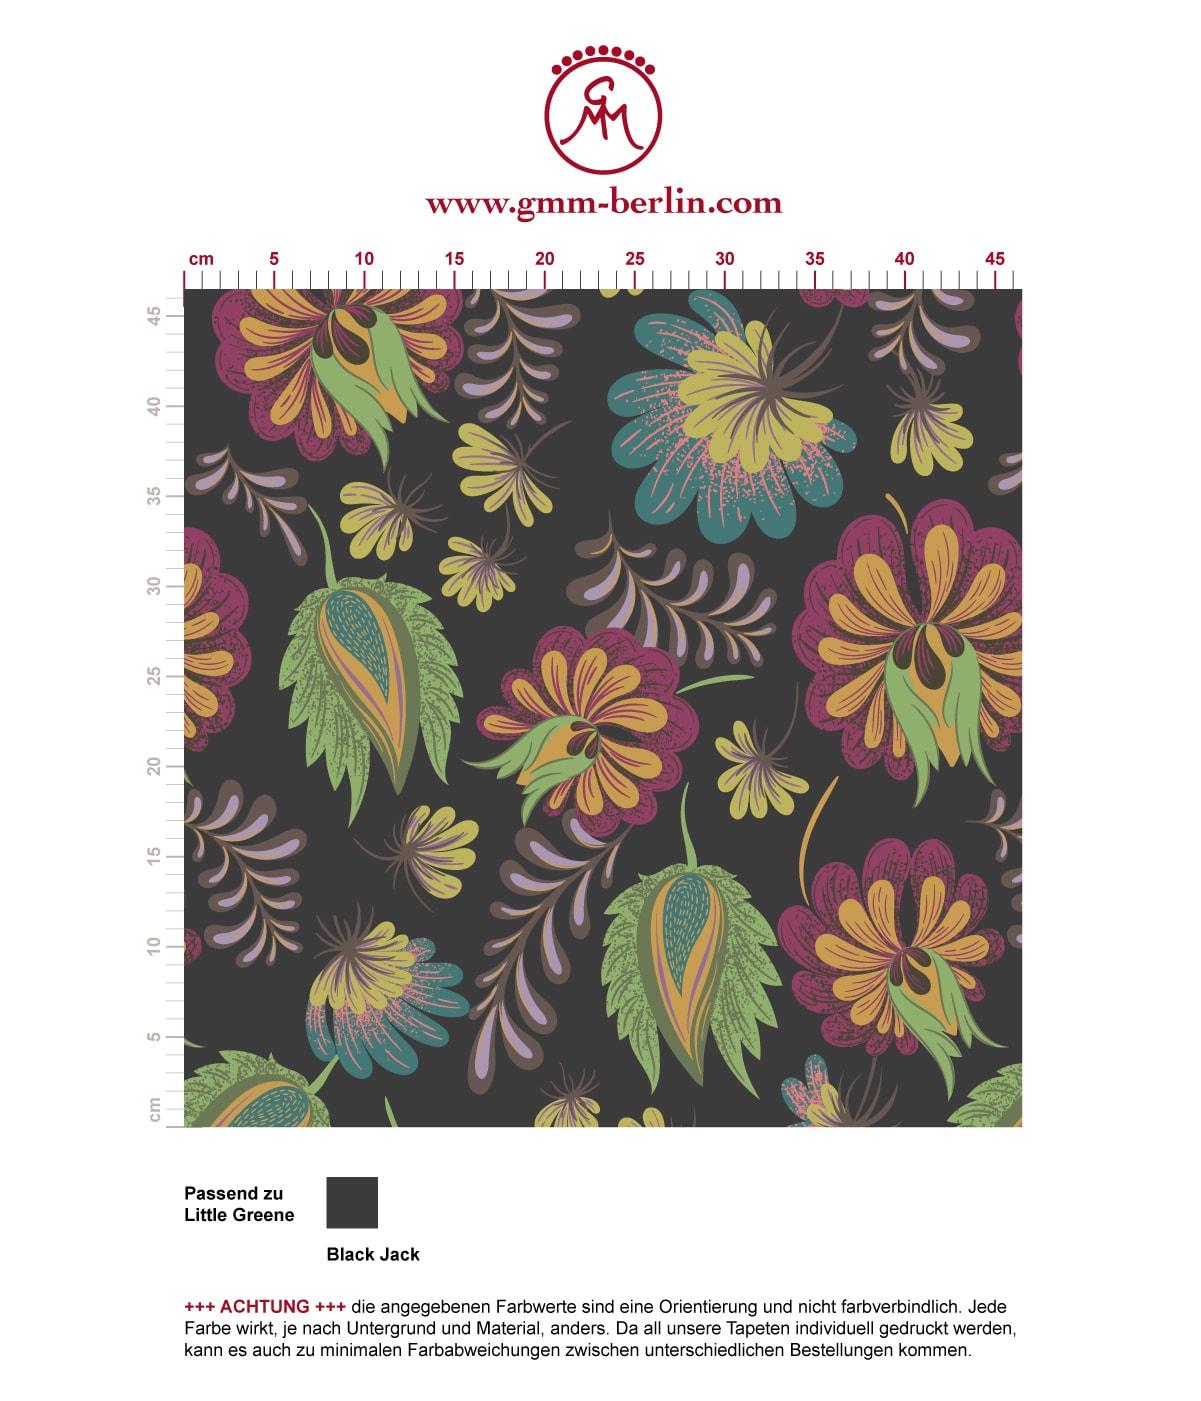 Ausgesprochen edle Tapete mit großen Blüten in grau grün angepasst an Little Greene Wandfarbe. Aus dem GMM-BERLIN.com Sortiment: Schöne Tapeten in der Farbe: grün